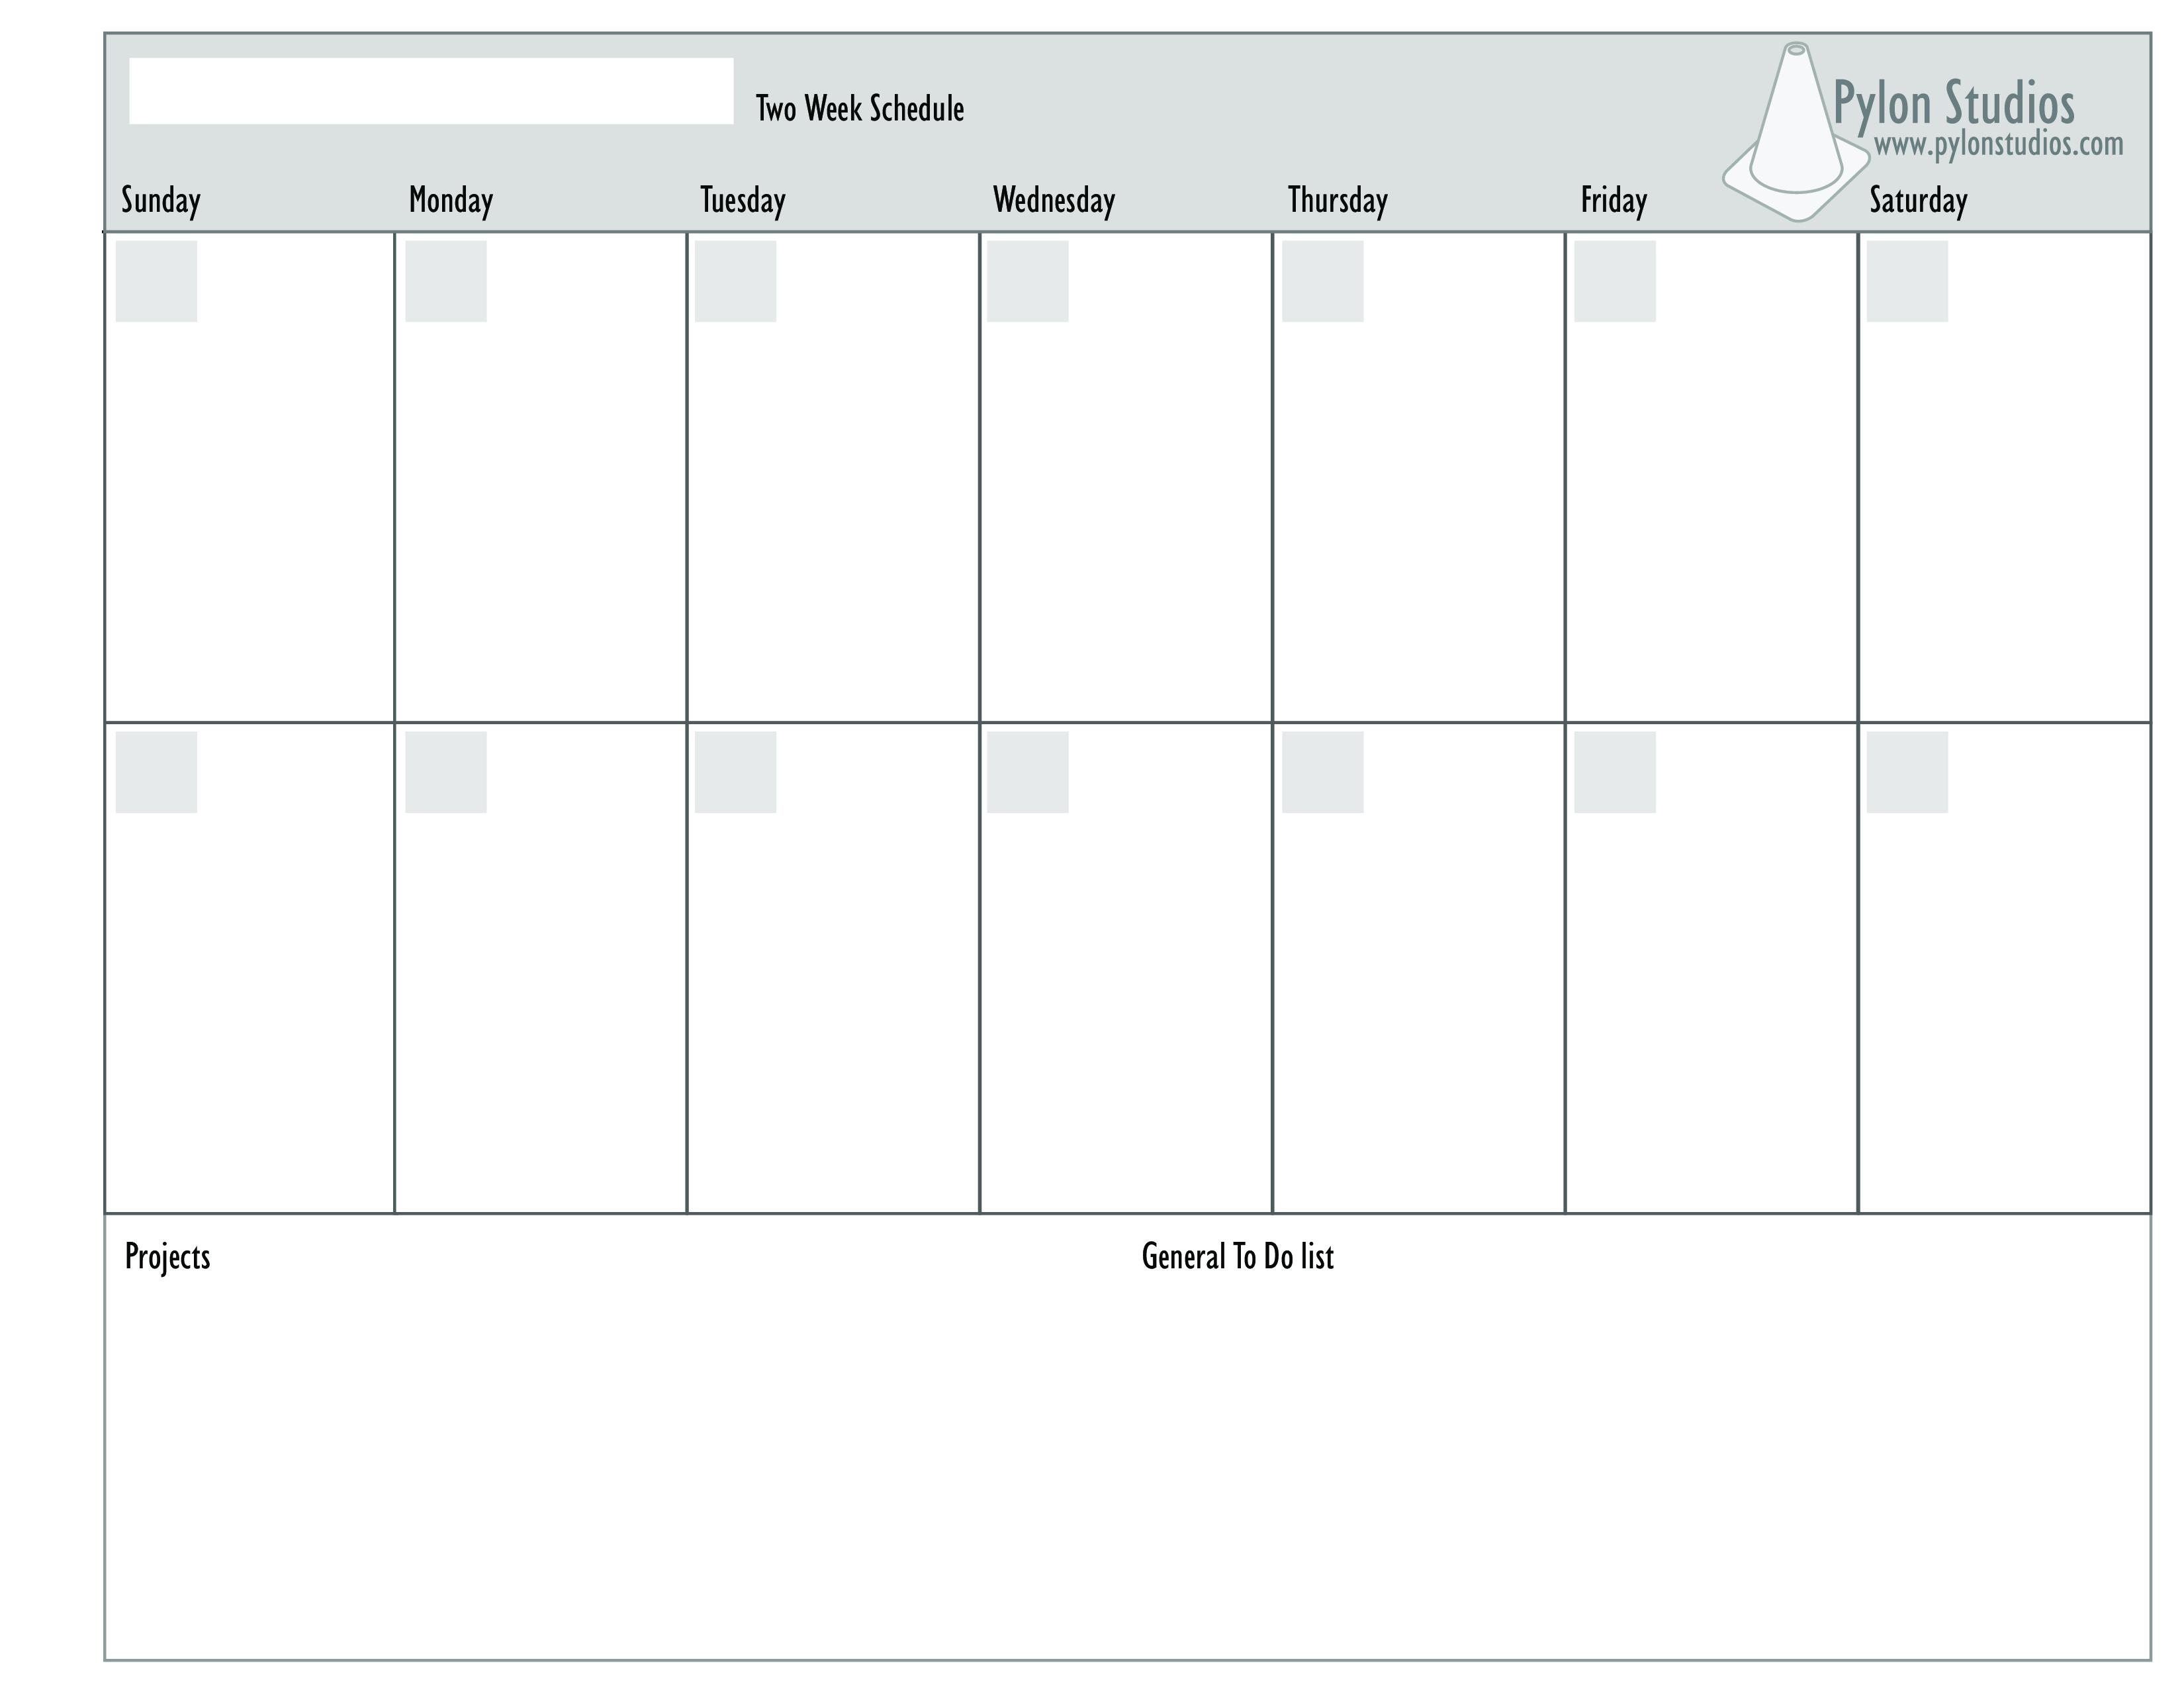 018 Template Ideas Two Week Calendar Printable Month Awesome within 2 Week Blank Calendar Printable